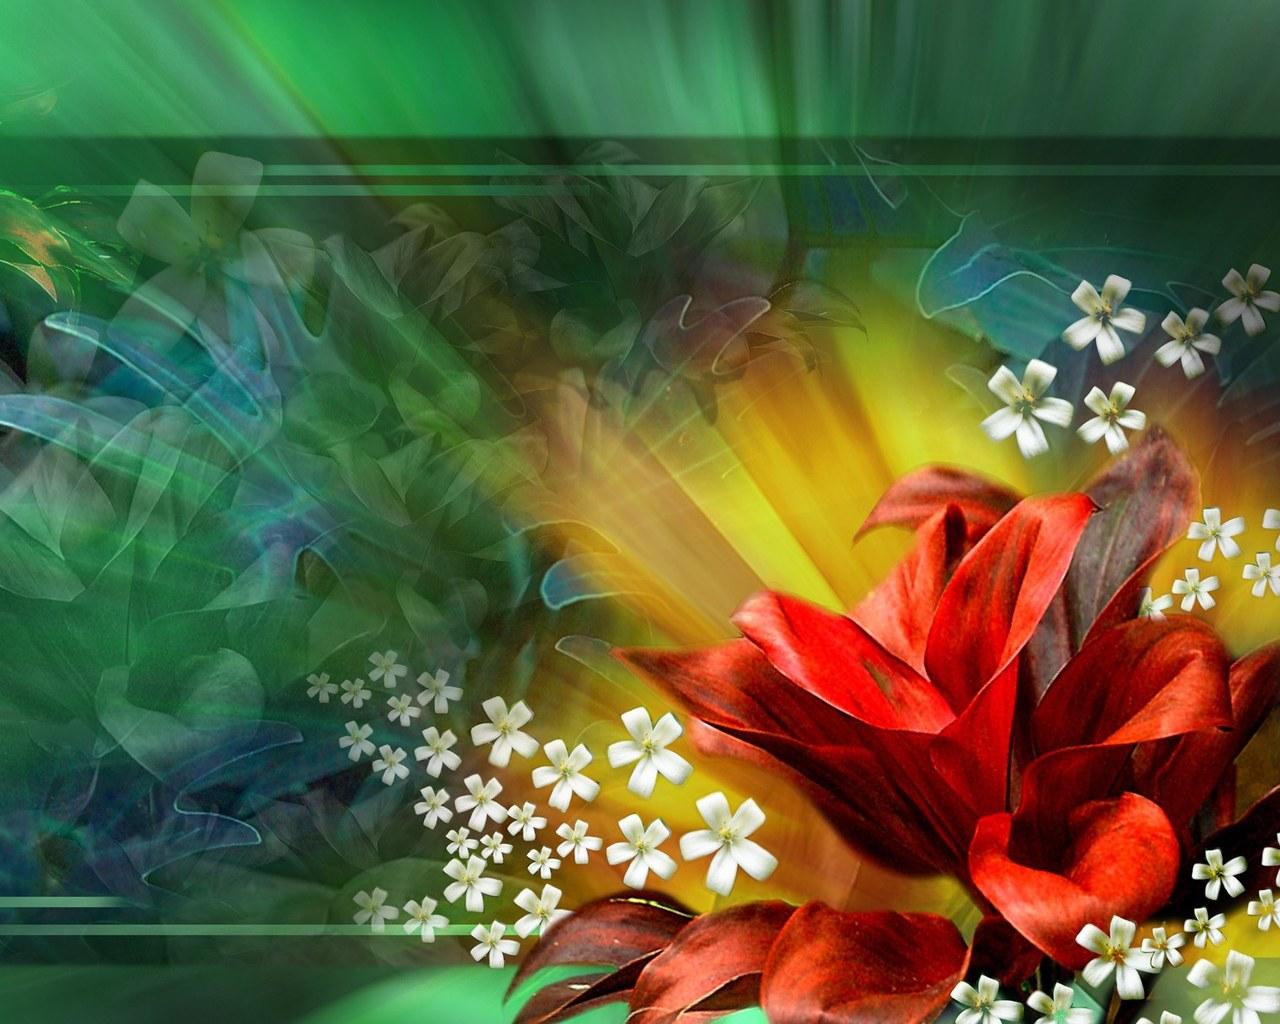 http://4.bp.blogspot.com/_dTwy1Izaz7A/TLjb7ApdXYI/AAAAAAAAACI/DQLy-NmyqWo/s1600/best-abstract-wallpapers-6-1.jpg